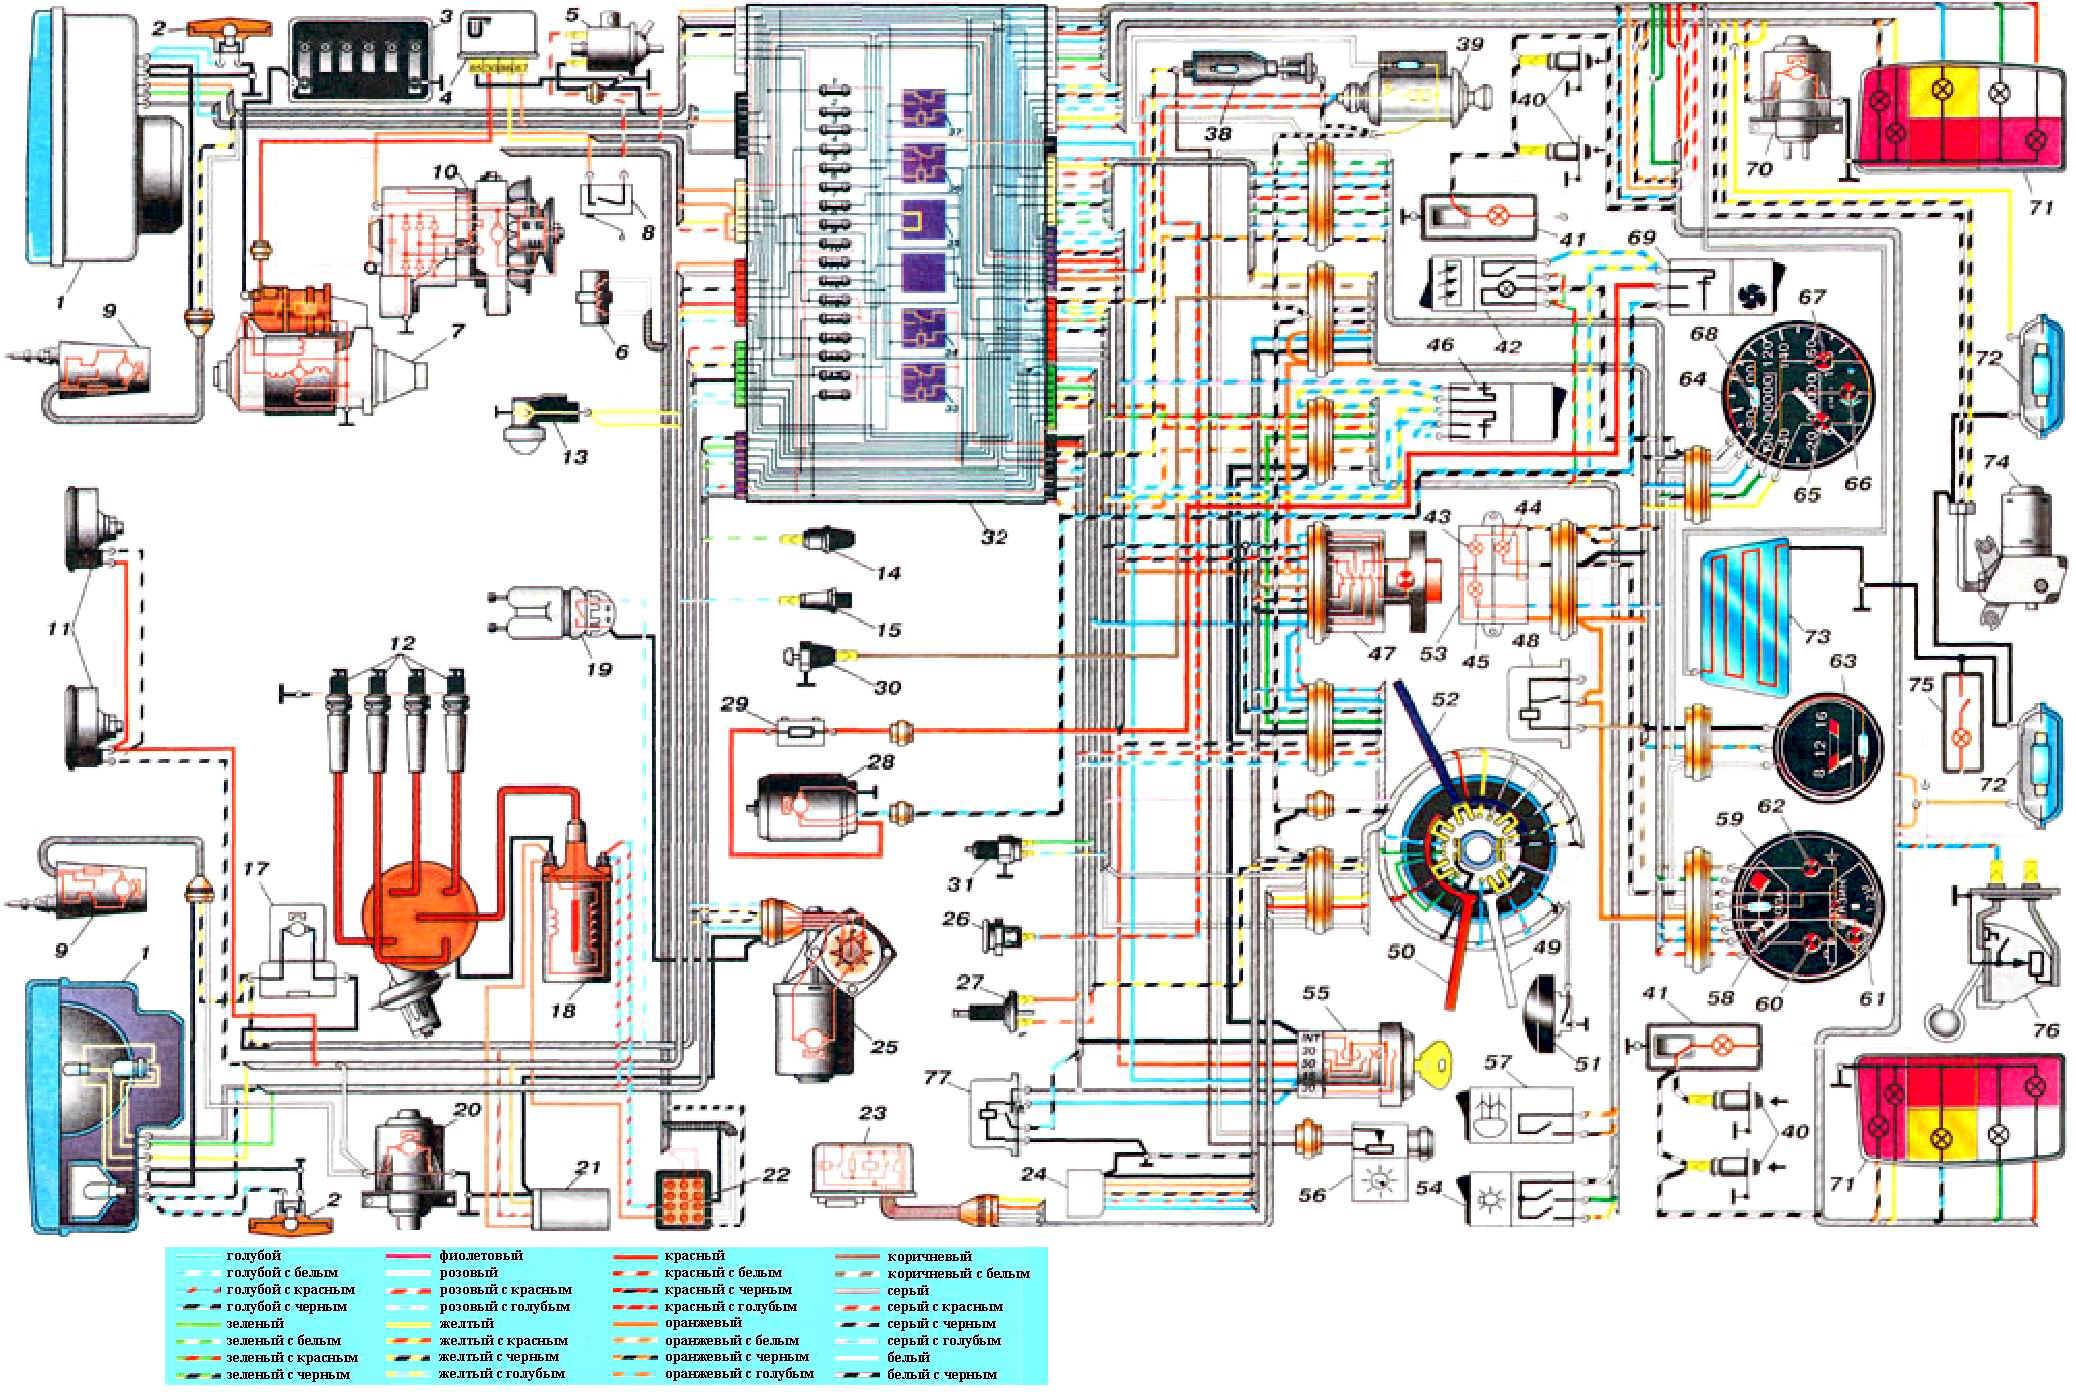 Схема электропроводки для ваз 21043